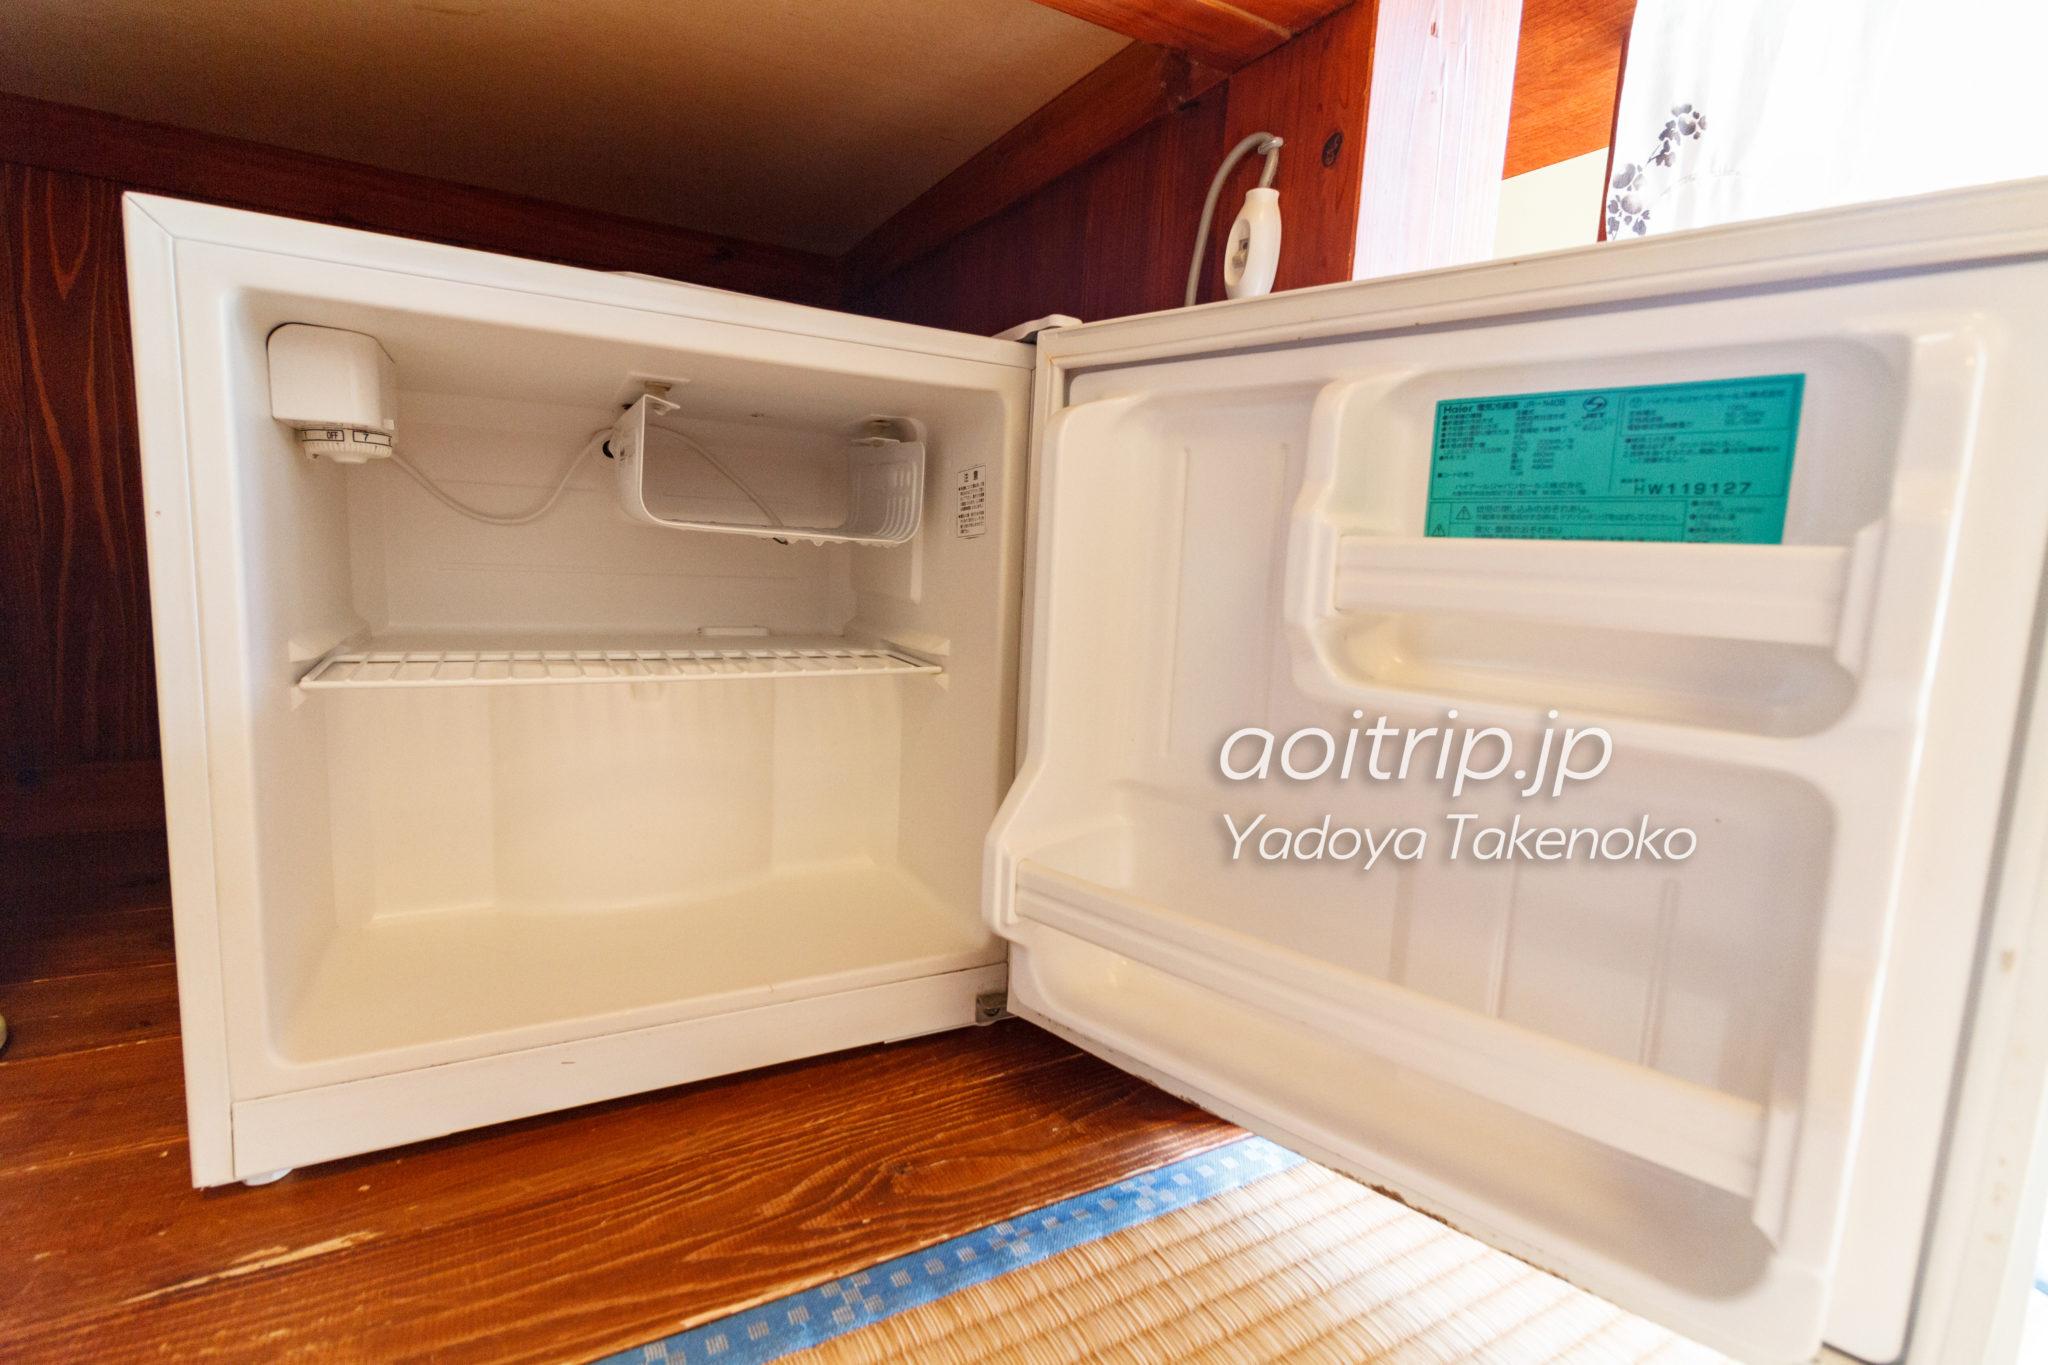 竹富島やど家たけのこの冷蔵庫